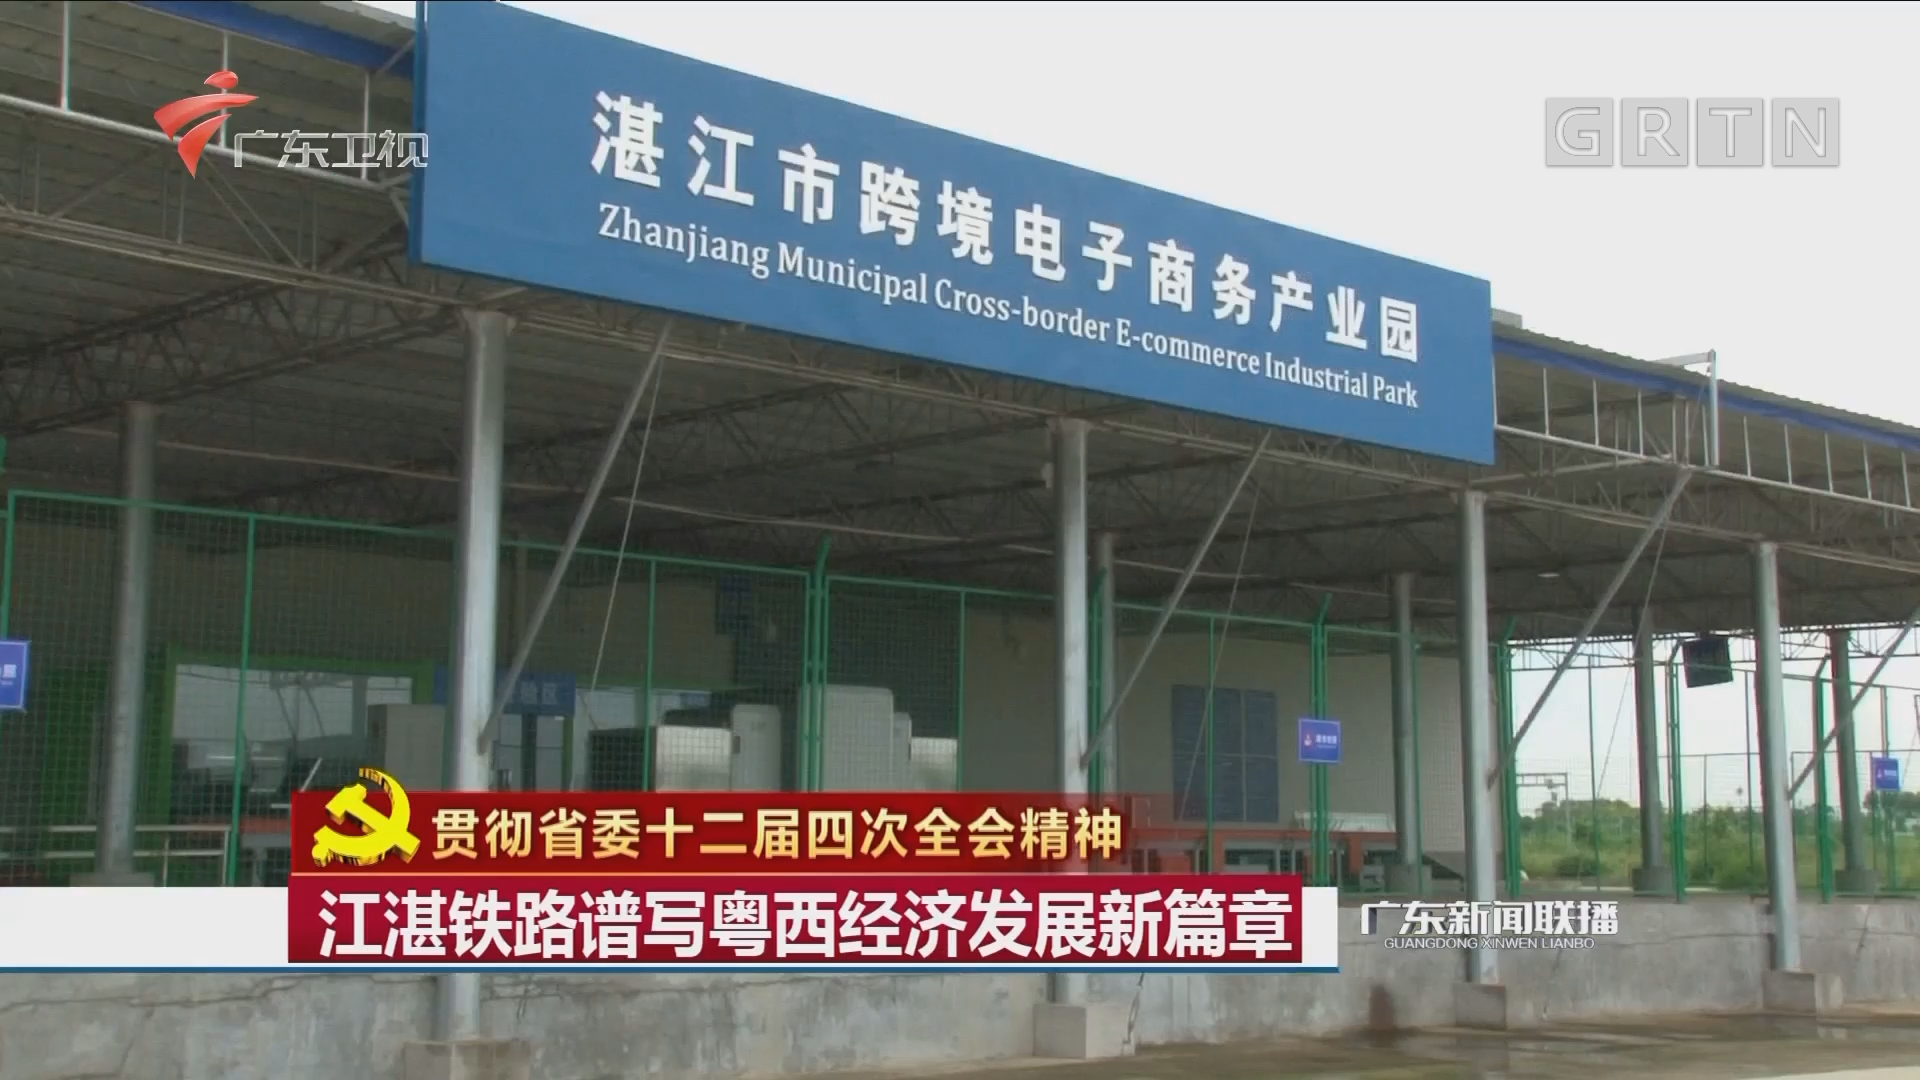 江湛铁路谱写粤西经济发展新篇章